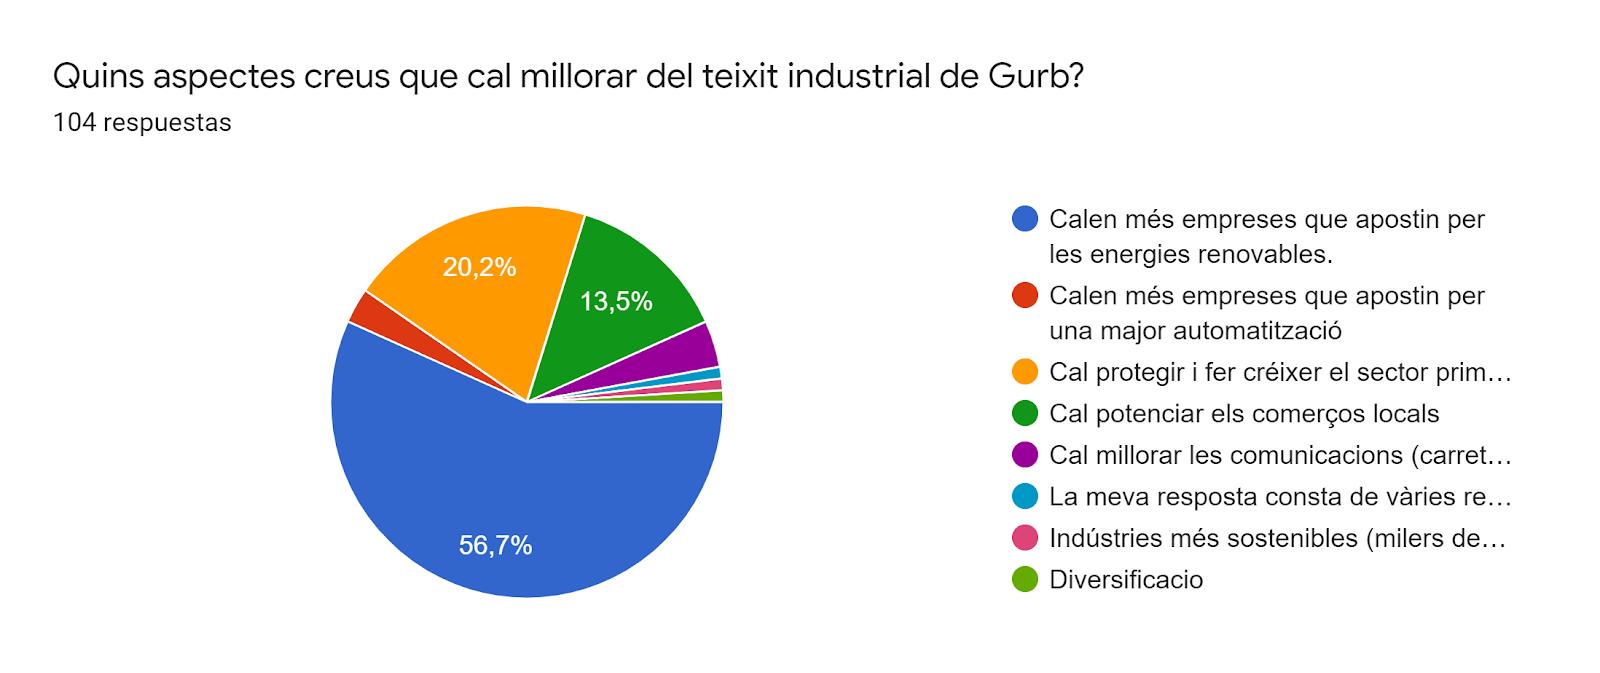 Gráfico de respuestas de formularios. Título de la pregunta:Quins aspectes creus que cal millorar del teixit industrial de Gurb? . Número de respuestas:104 respuestas.